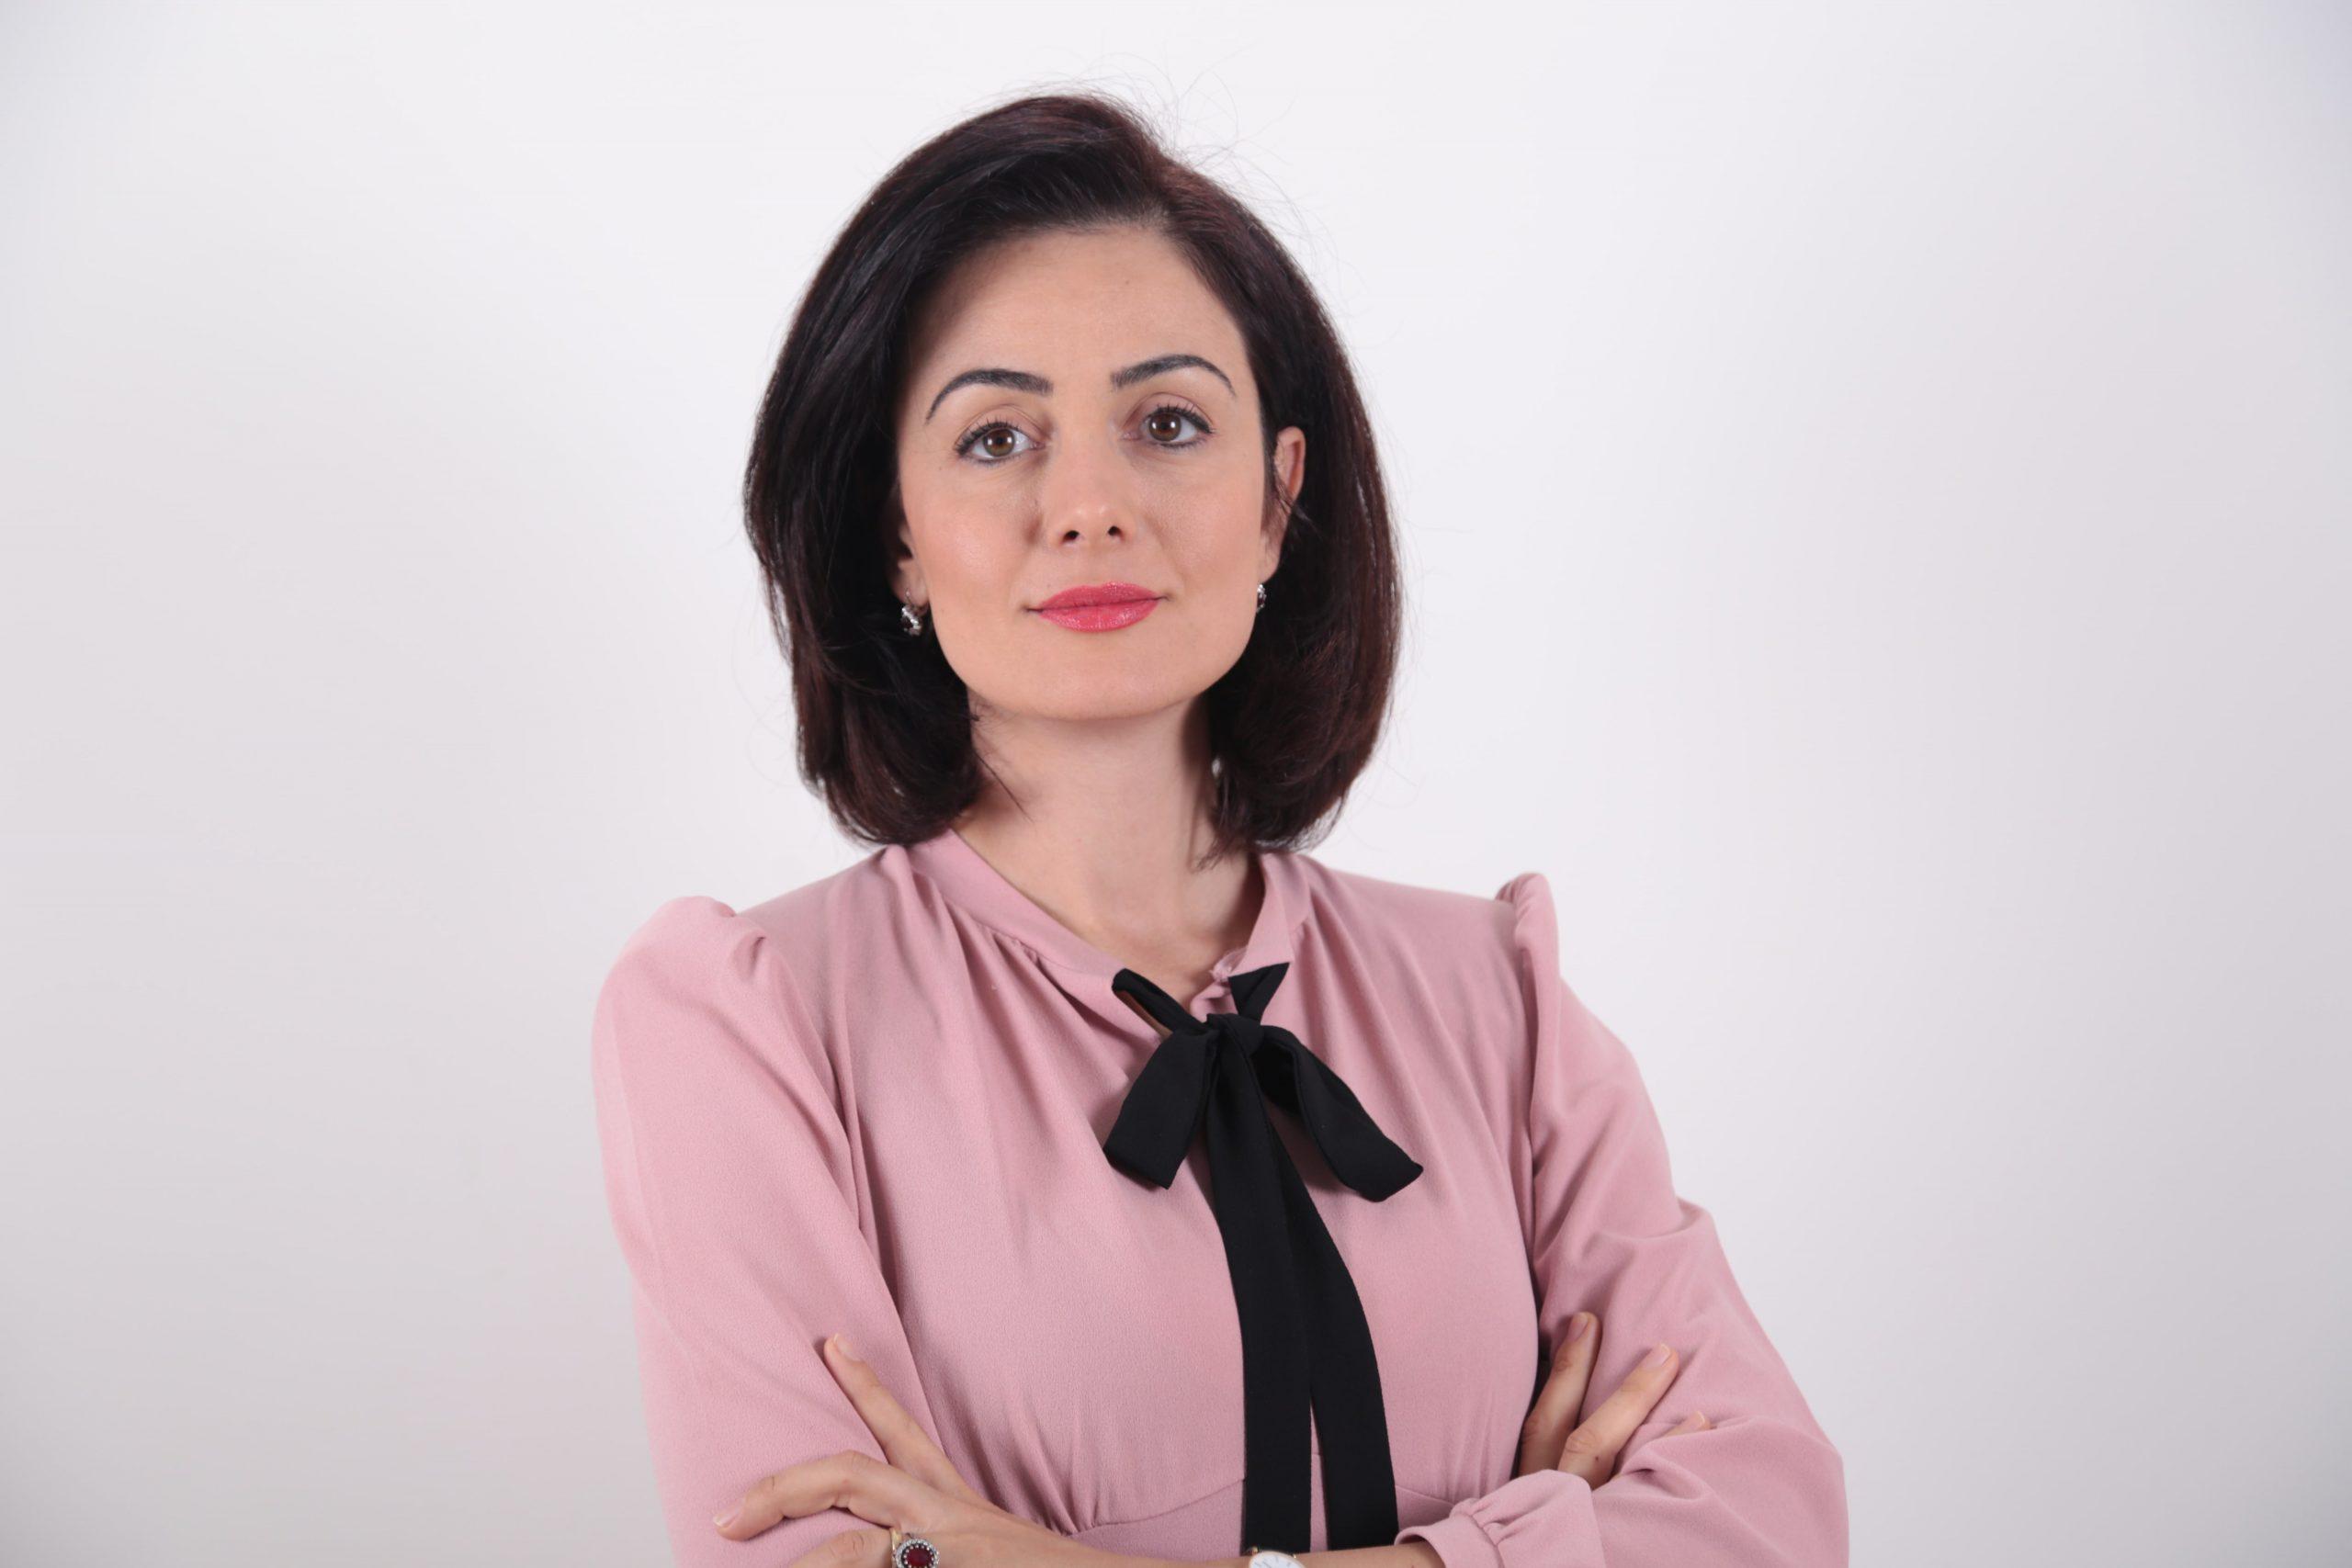 Jorida Xhafaj